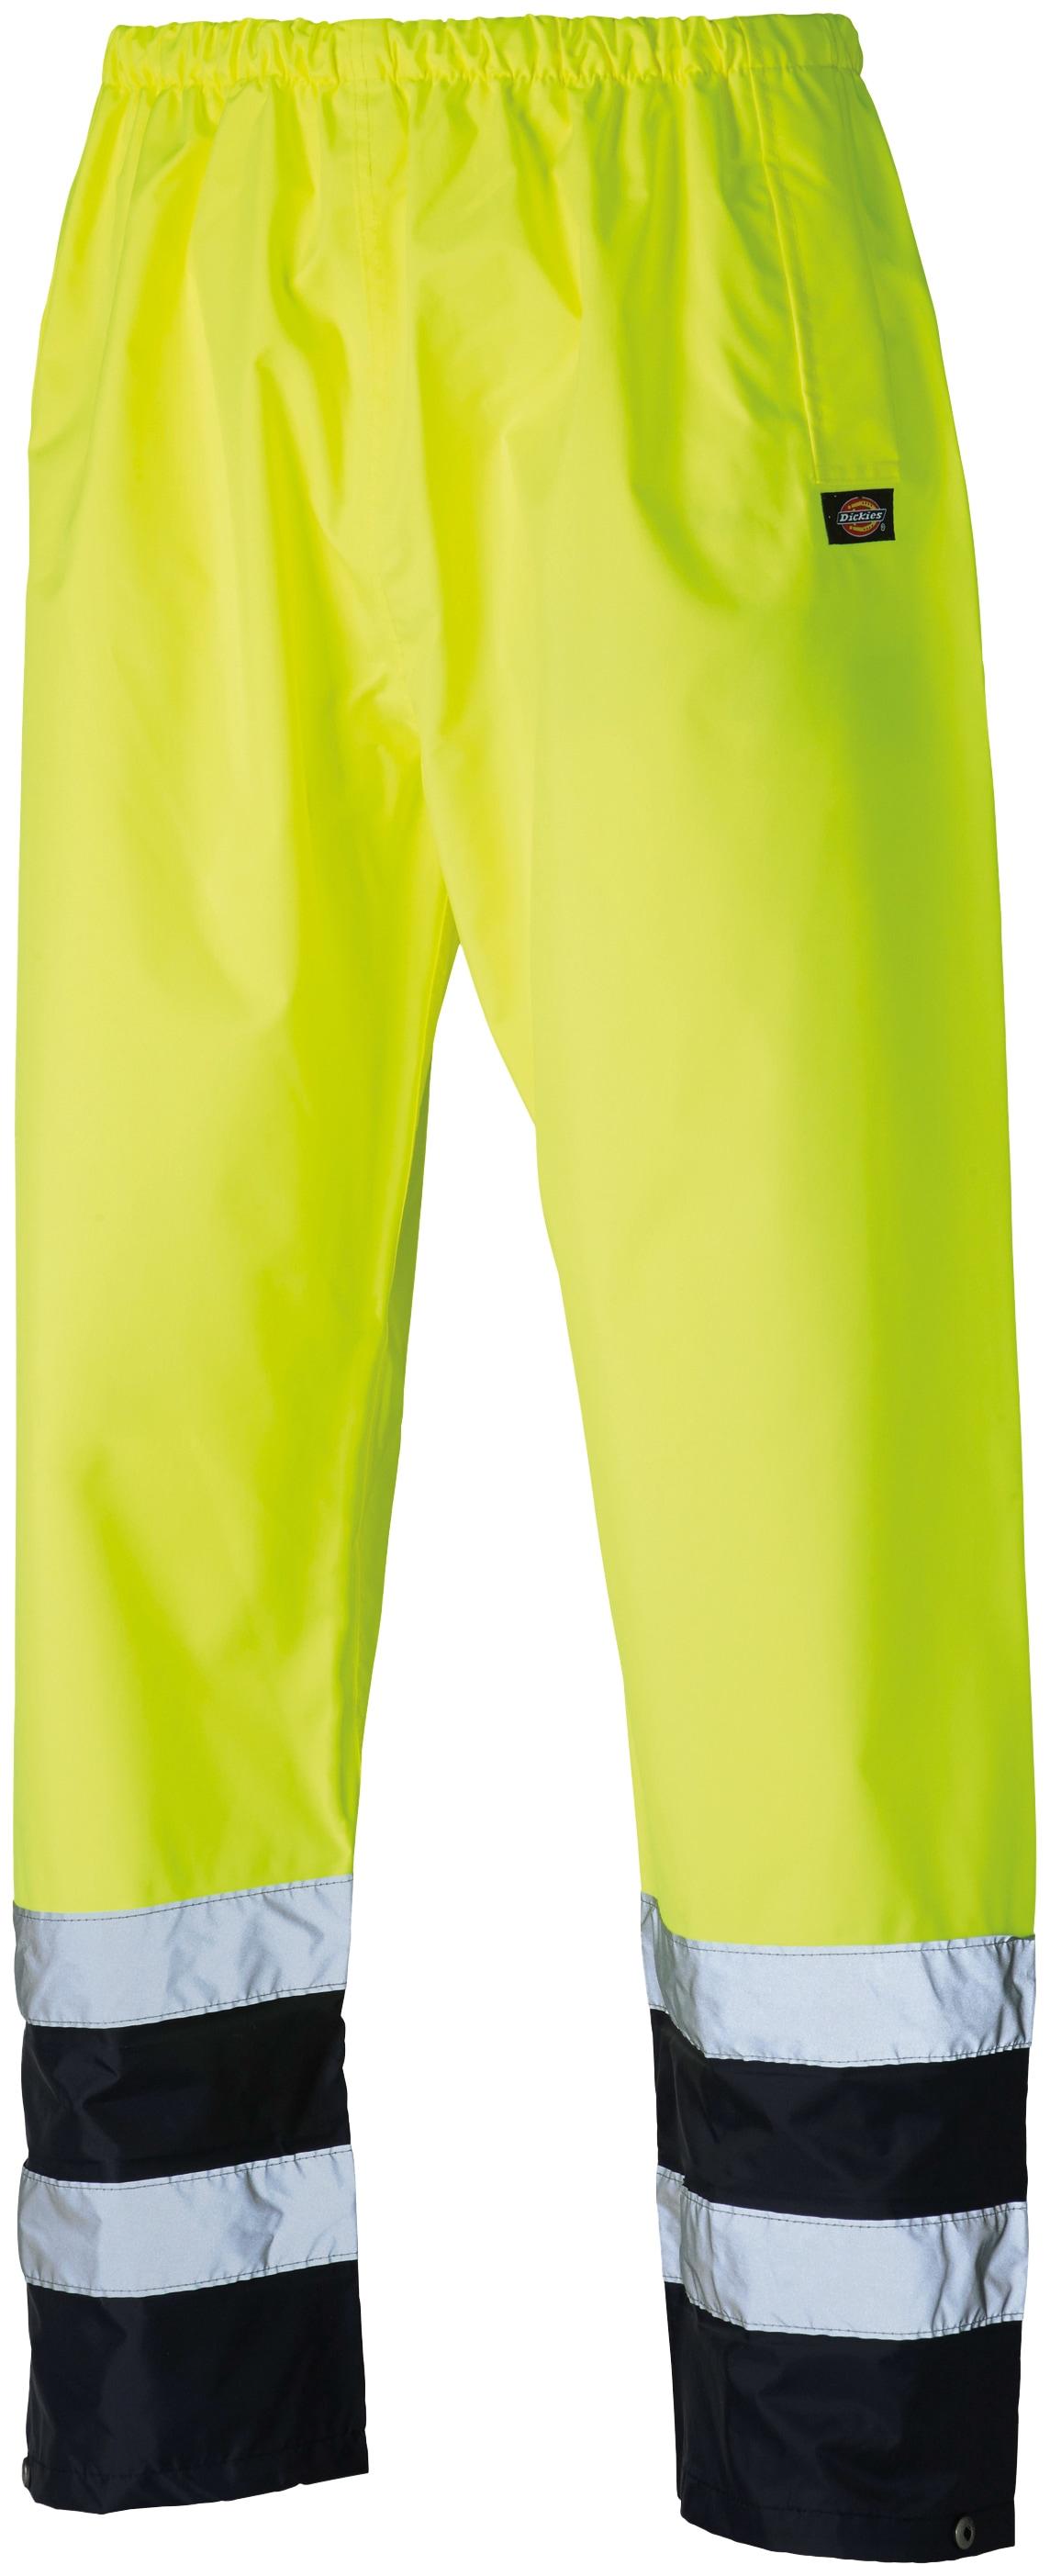 Dickies Arbeitshose Two Tone, Gr. M-XXXL, mit Taschen gelb Herren Arbeitshosen Arbeits- Berufsbekleidung